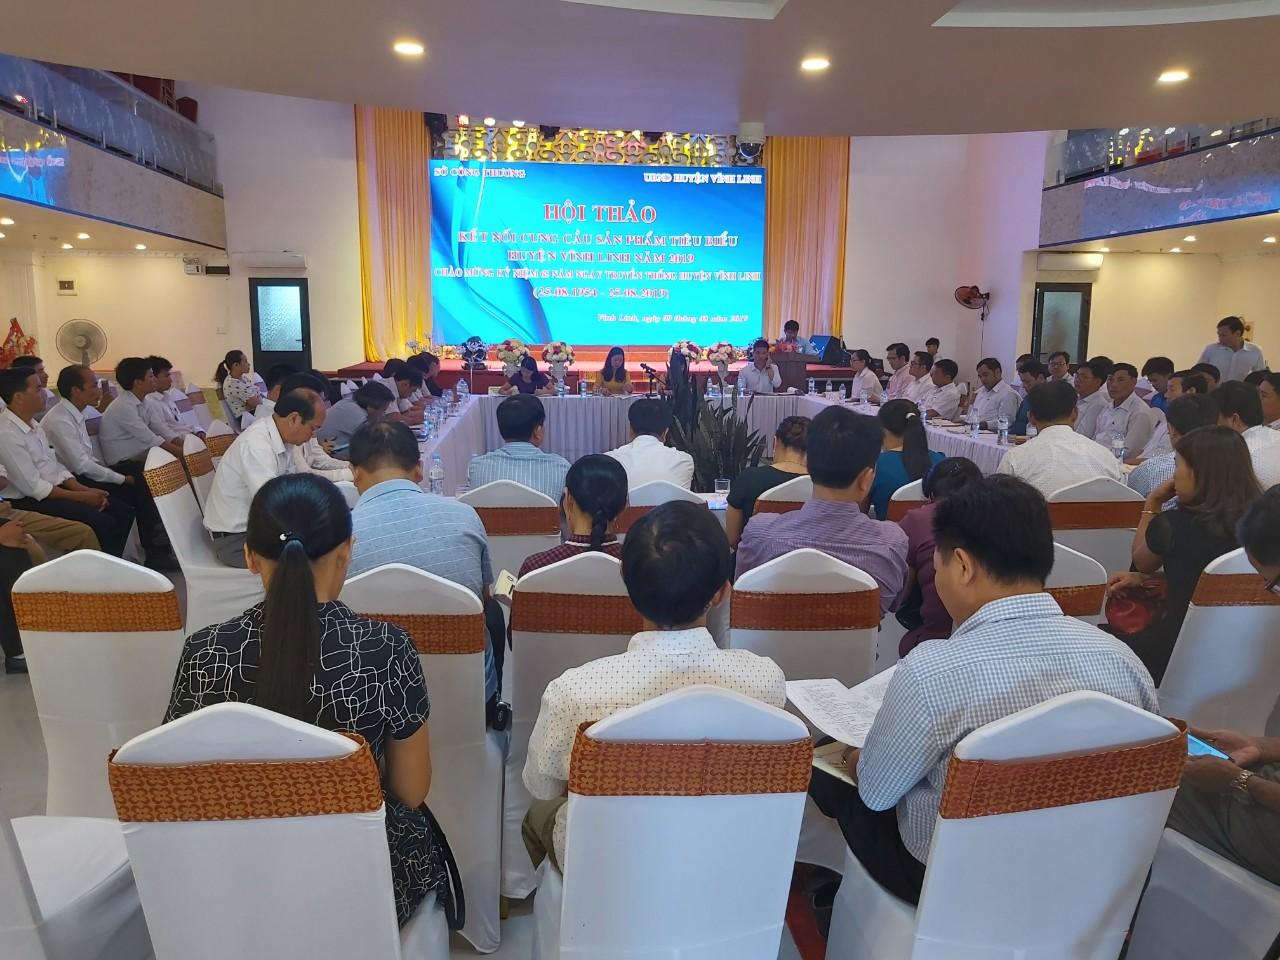 Hội thảo kết nối cung - cầu sản phẩm tiêu biểu huyện Vĩnh Linh năm 2019